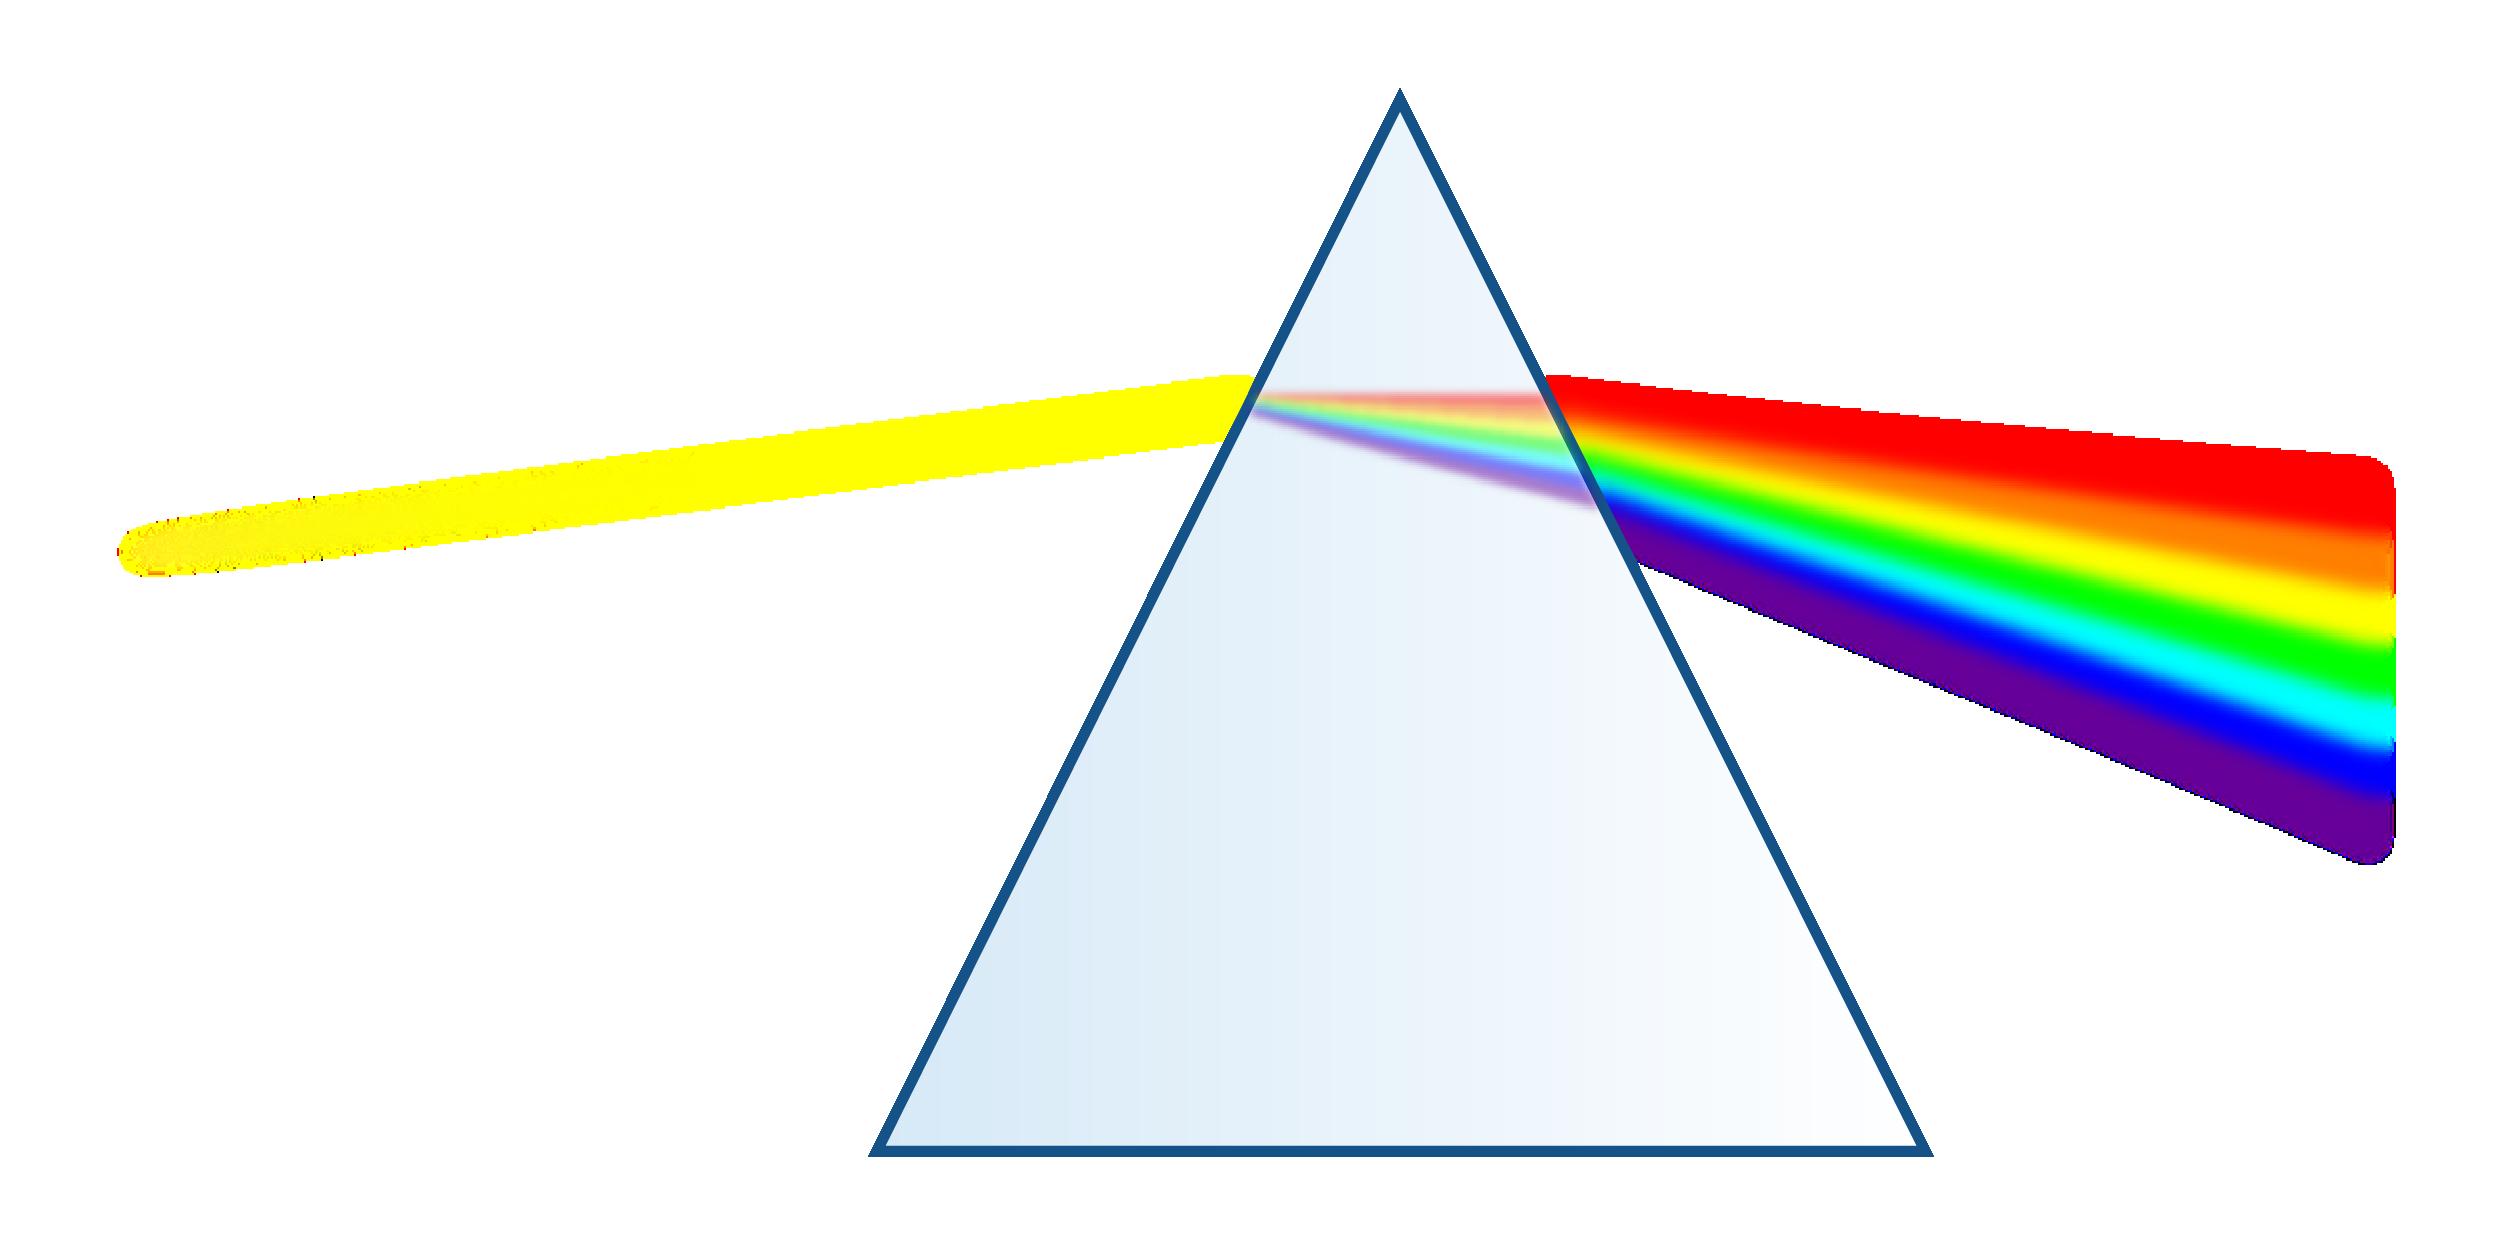 Décomposition de la lumière blanche par prisme 2nde